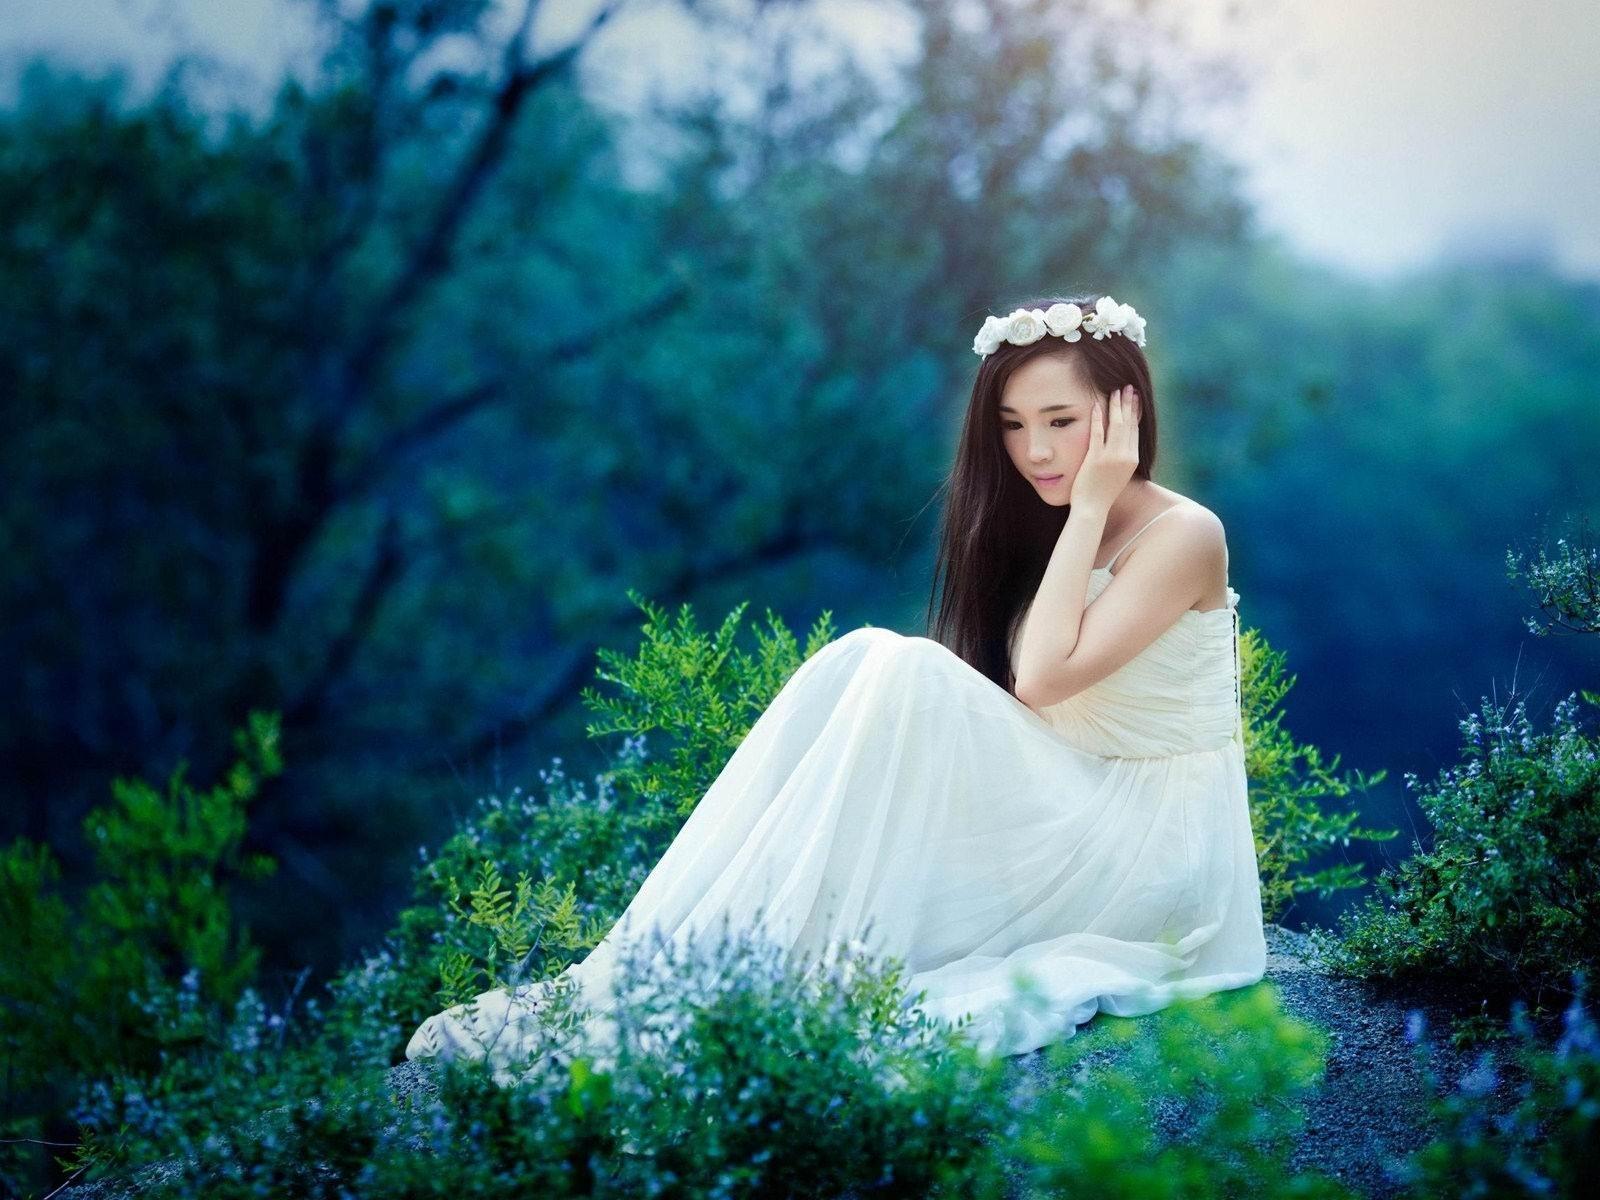 Chicas Asiáticas Pura Y Hermosa Wallpapers Hd 10